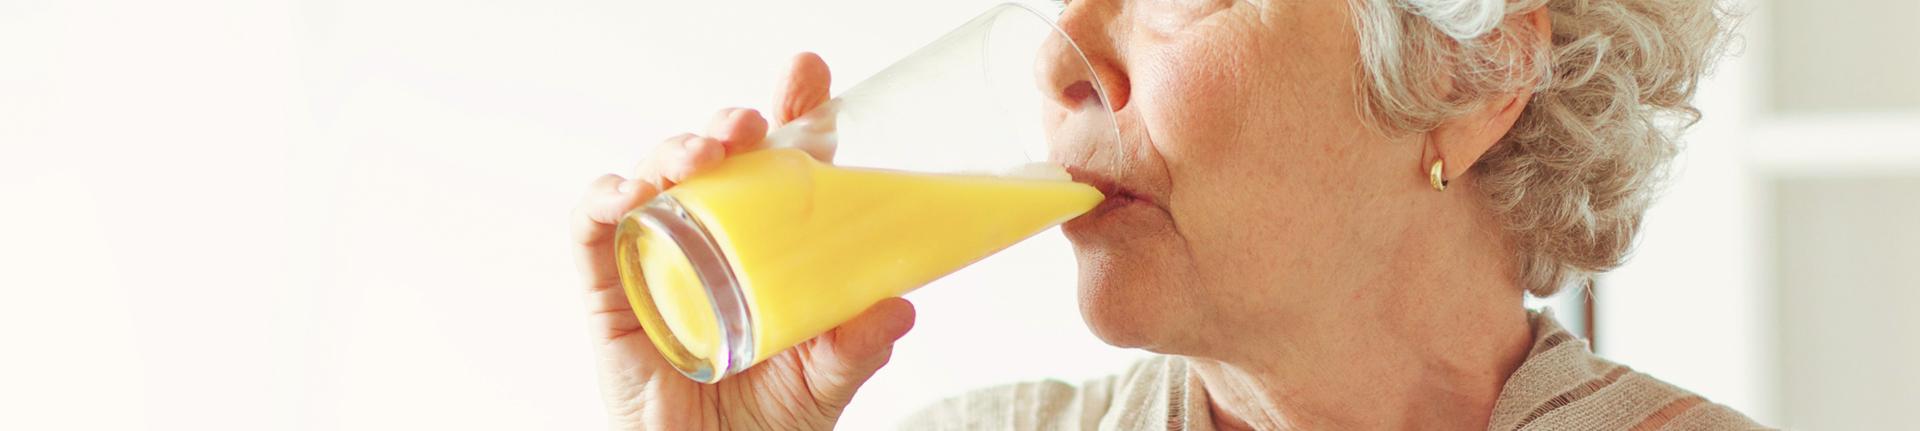 Mulher e saúde: alimentos indicados no climatério e na menopausa